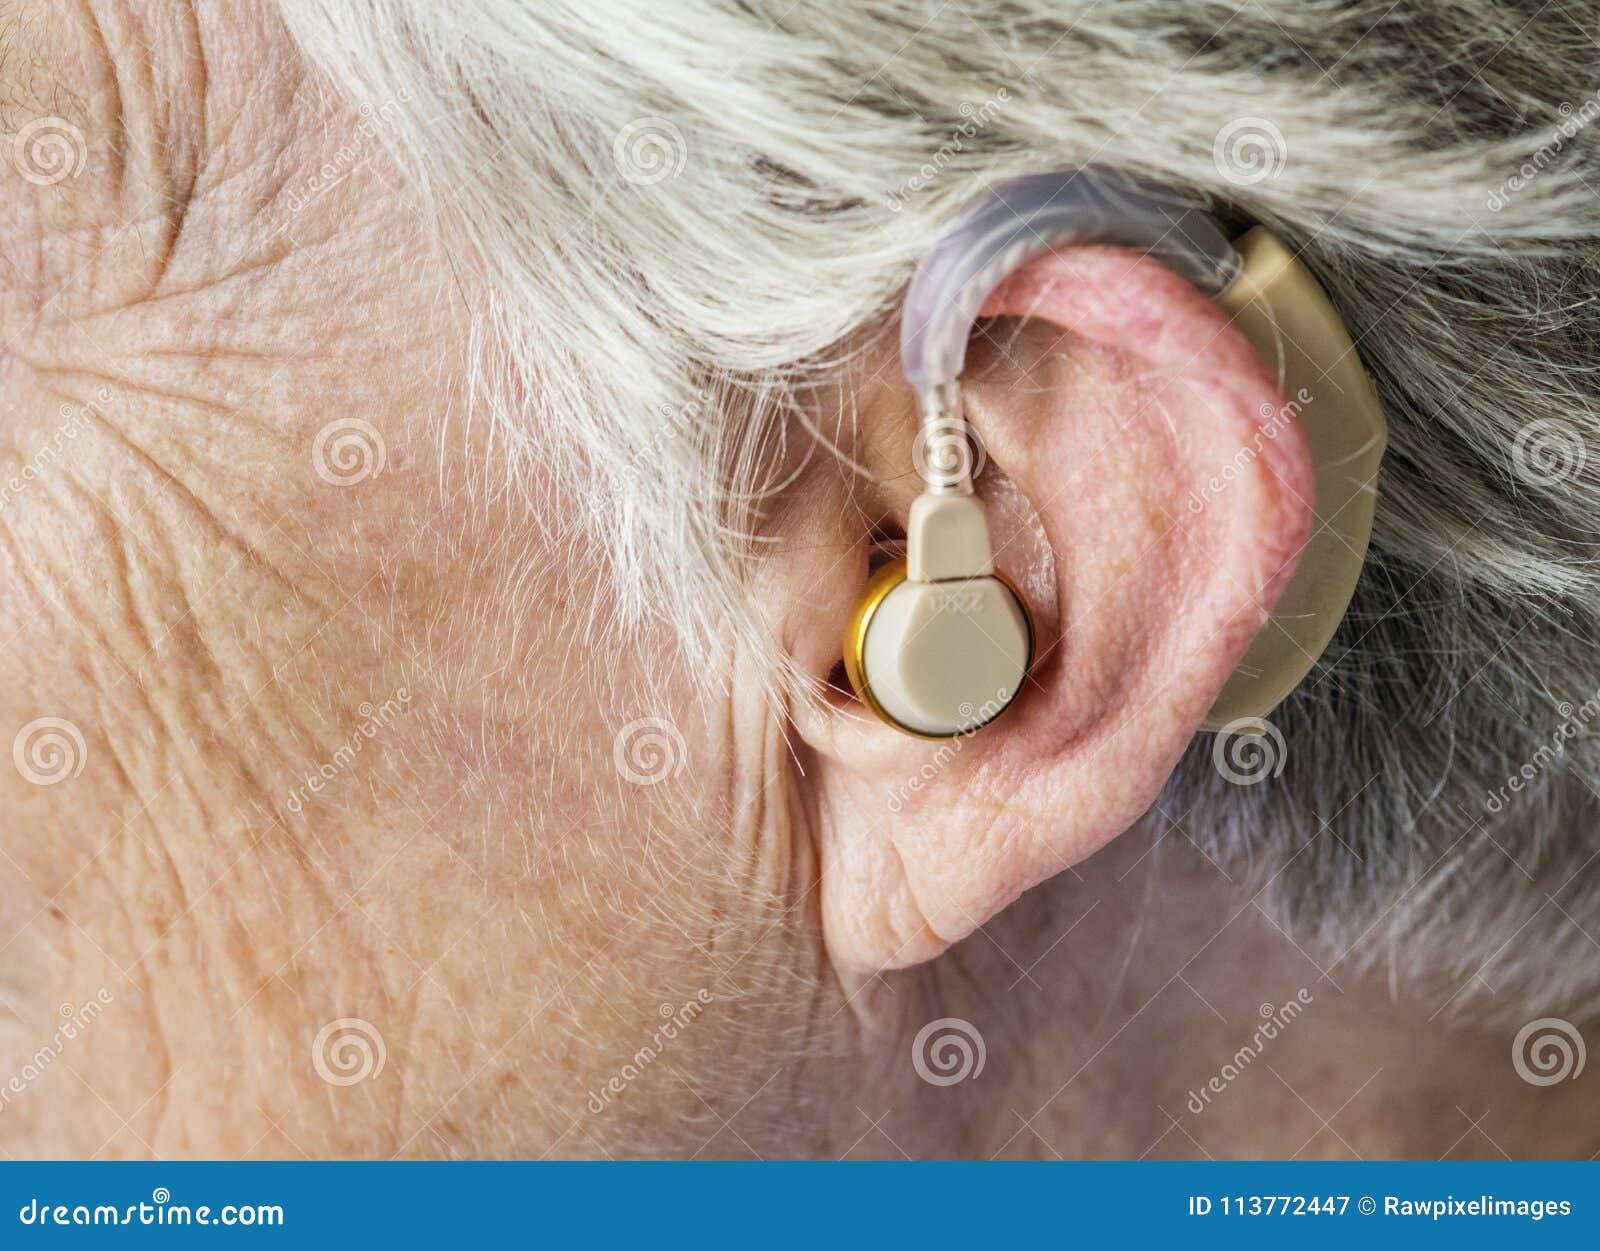 Femme agée portant une prothèse auditive